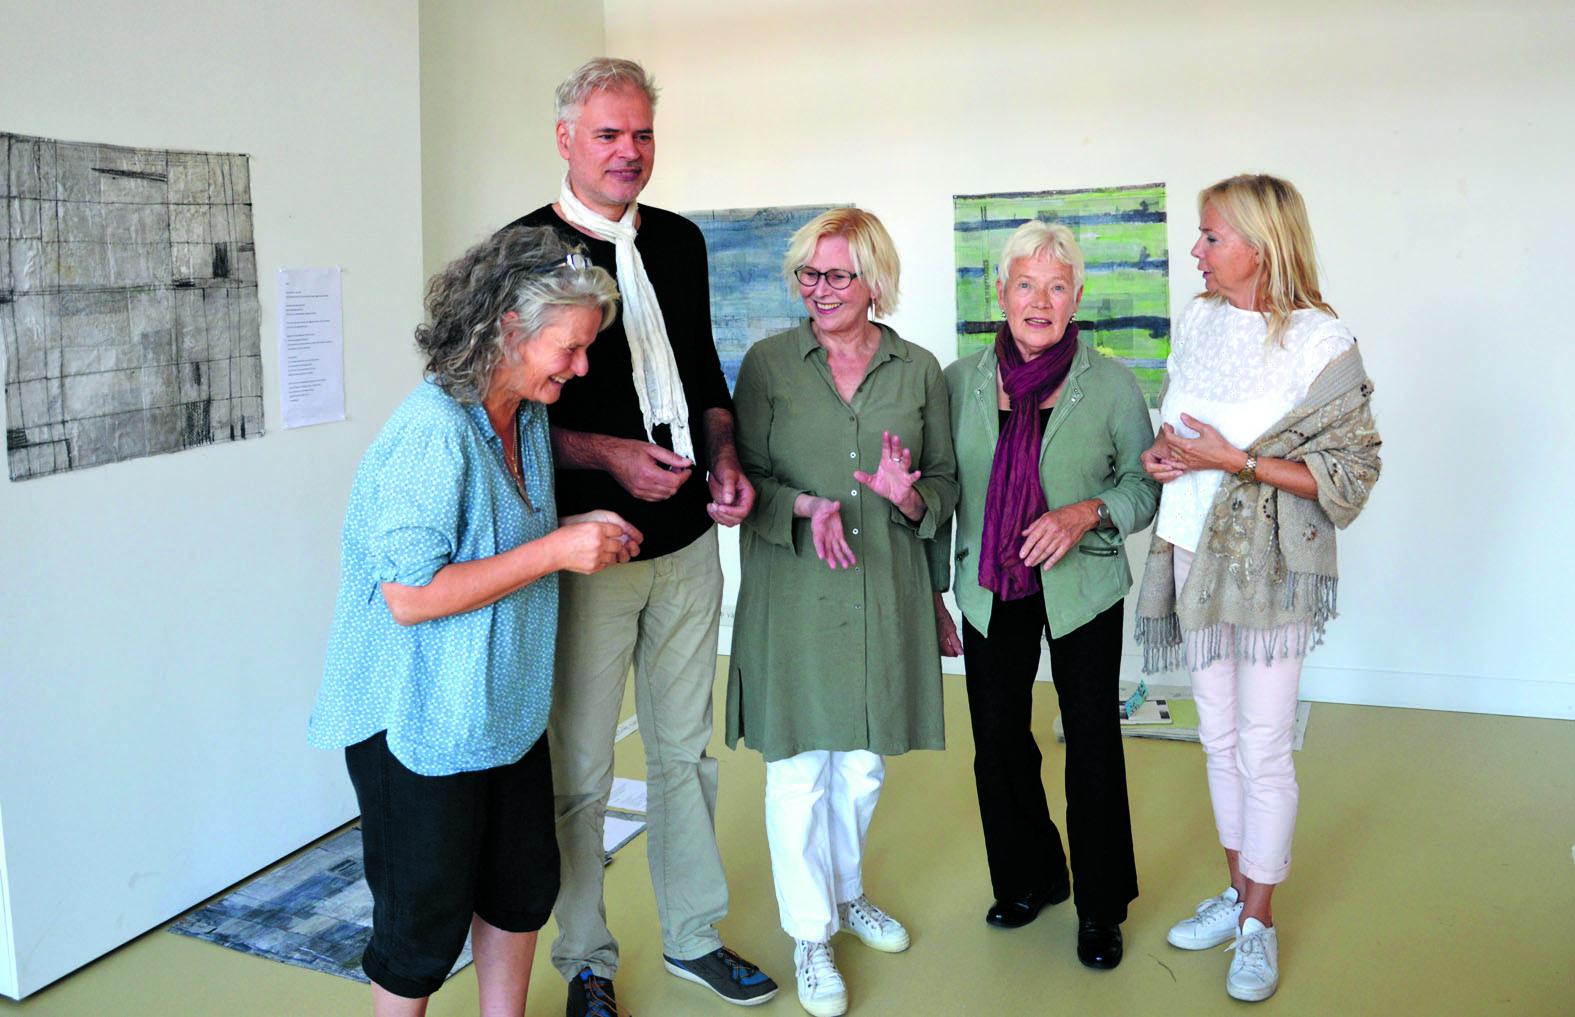 V.l.n.r. Elly Stolwijk, Michel Duijves, Petra Talsma, Marietje van Rossen, Karin ten Cate. (Foto: aangeleverd)